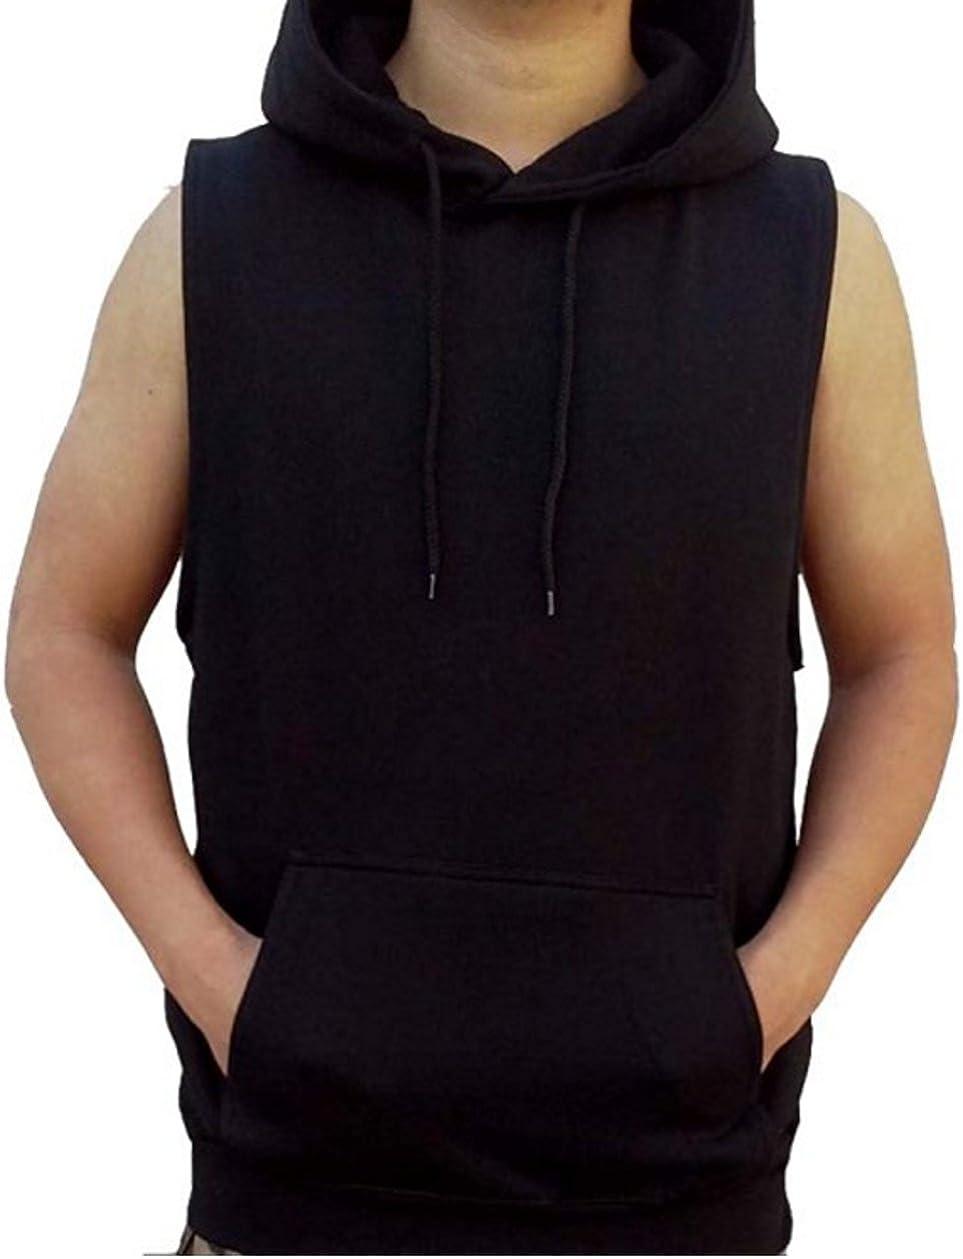 Fieer Mens Sleeveless Hoodie Plus-Size Drawstring Print Pullover Vests Tank Top